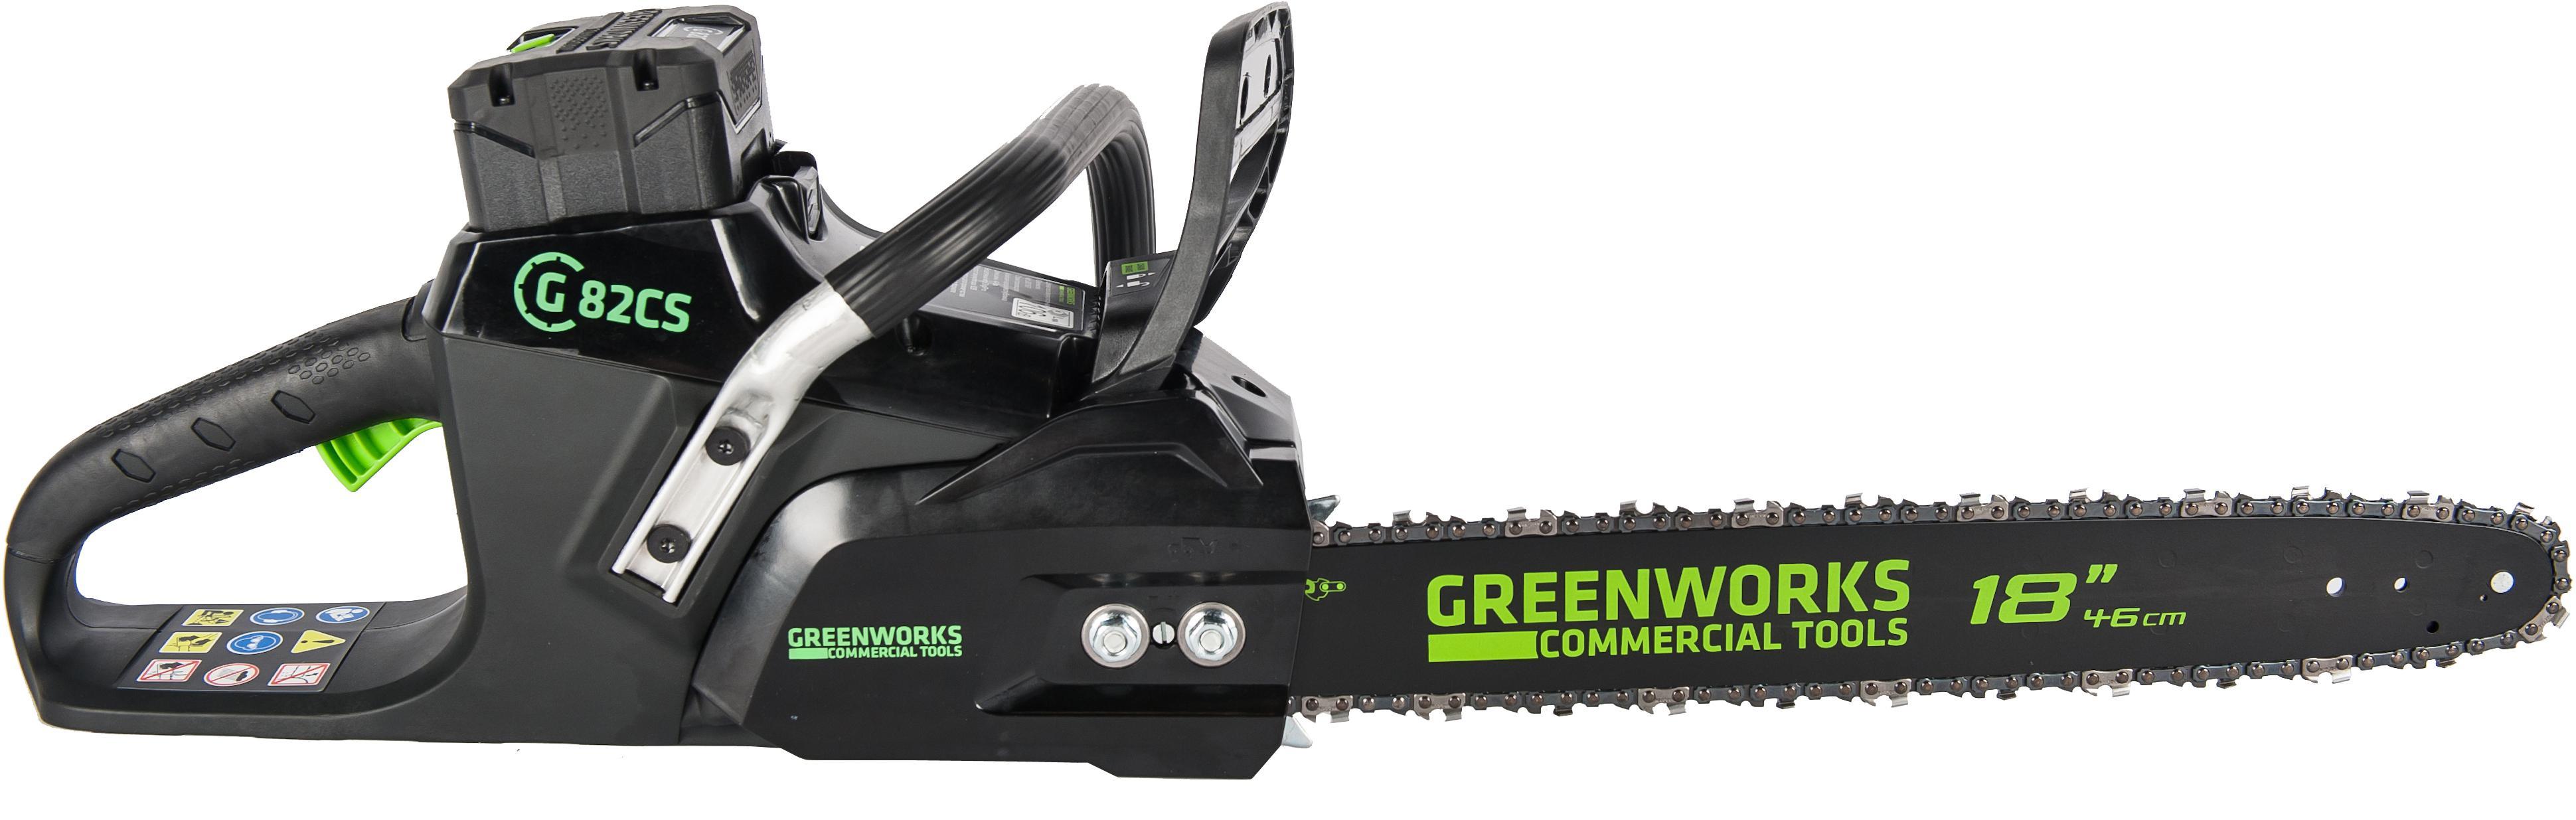 Пила цепная аккумуляторная Greenworks GС82csk5 (2001607ub) 1акк 82v 5Ач + ЗУ цепная пила greenworks 24в